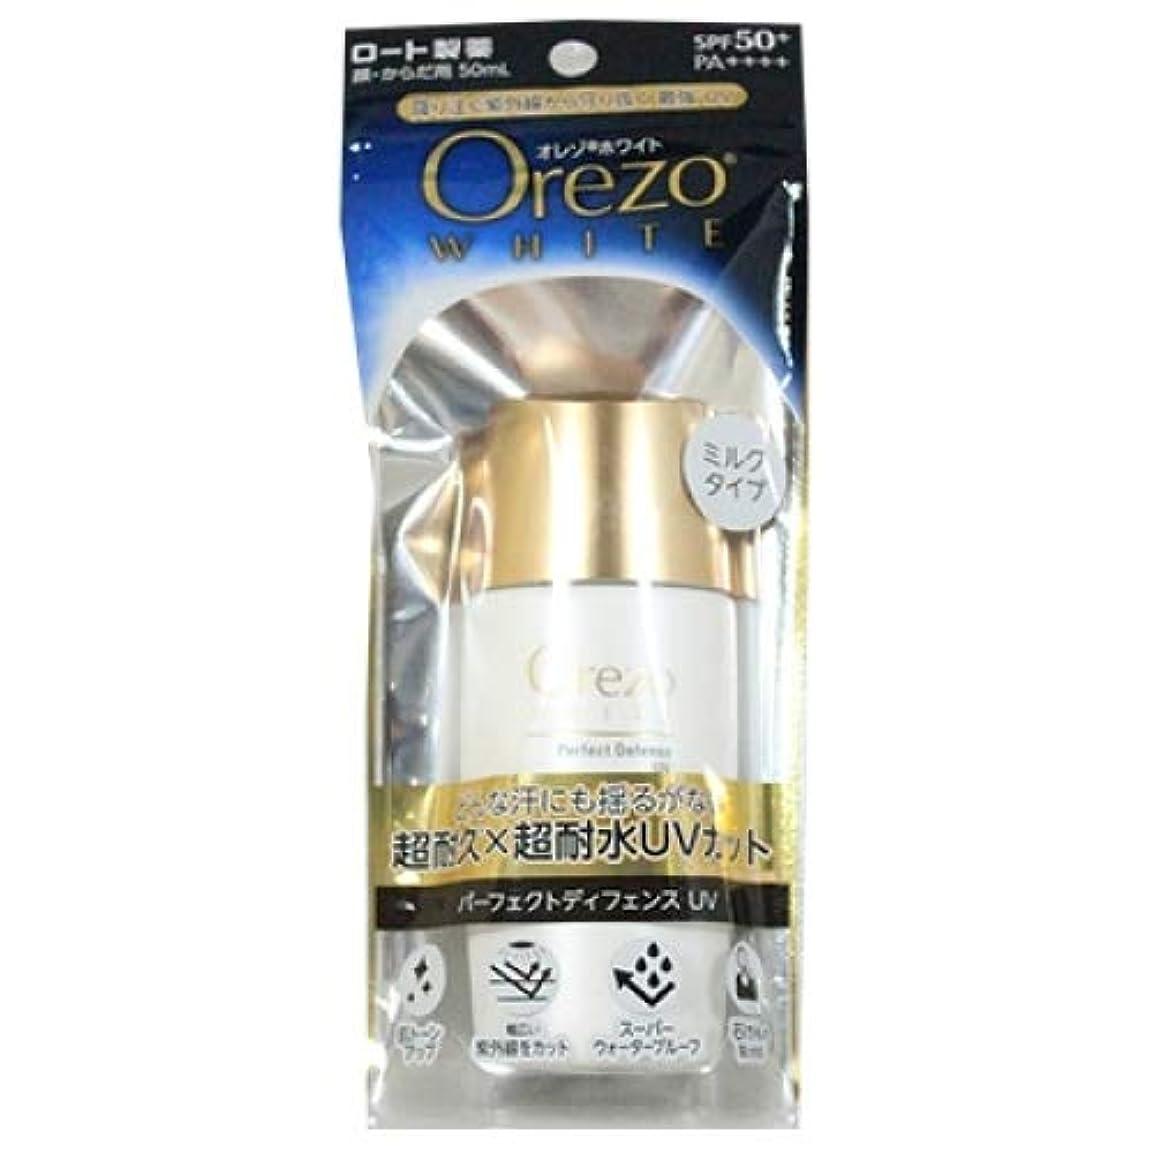 ホールドマラドロイトサスペンションロート製薬 Orezo オレゾ ホワイト パーフェクトディフェンスUVa SPF50+ PA++++ (50mL)